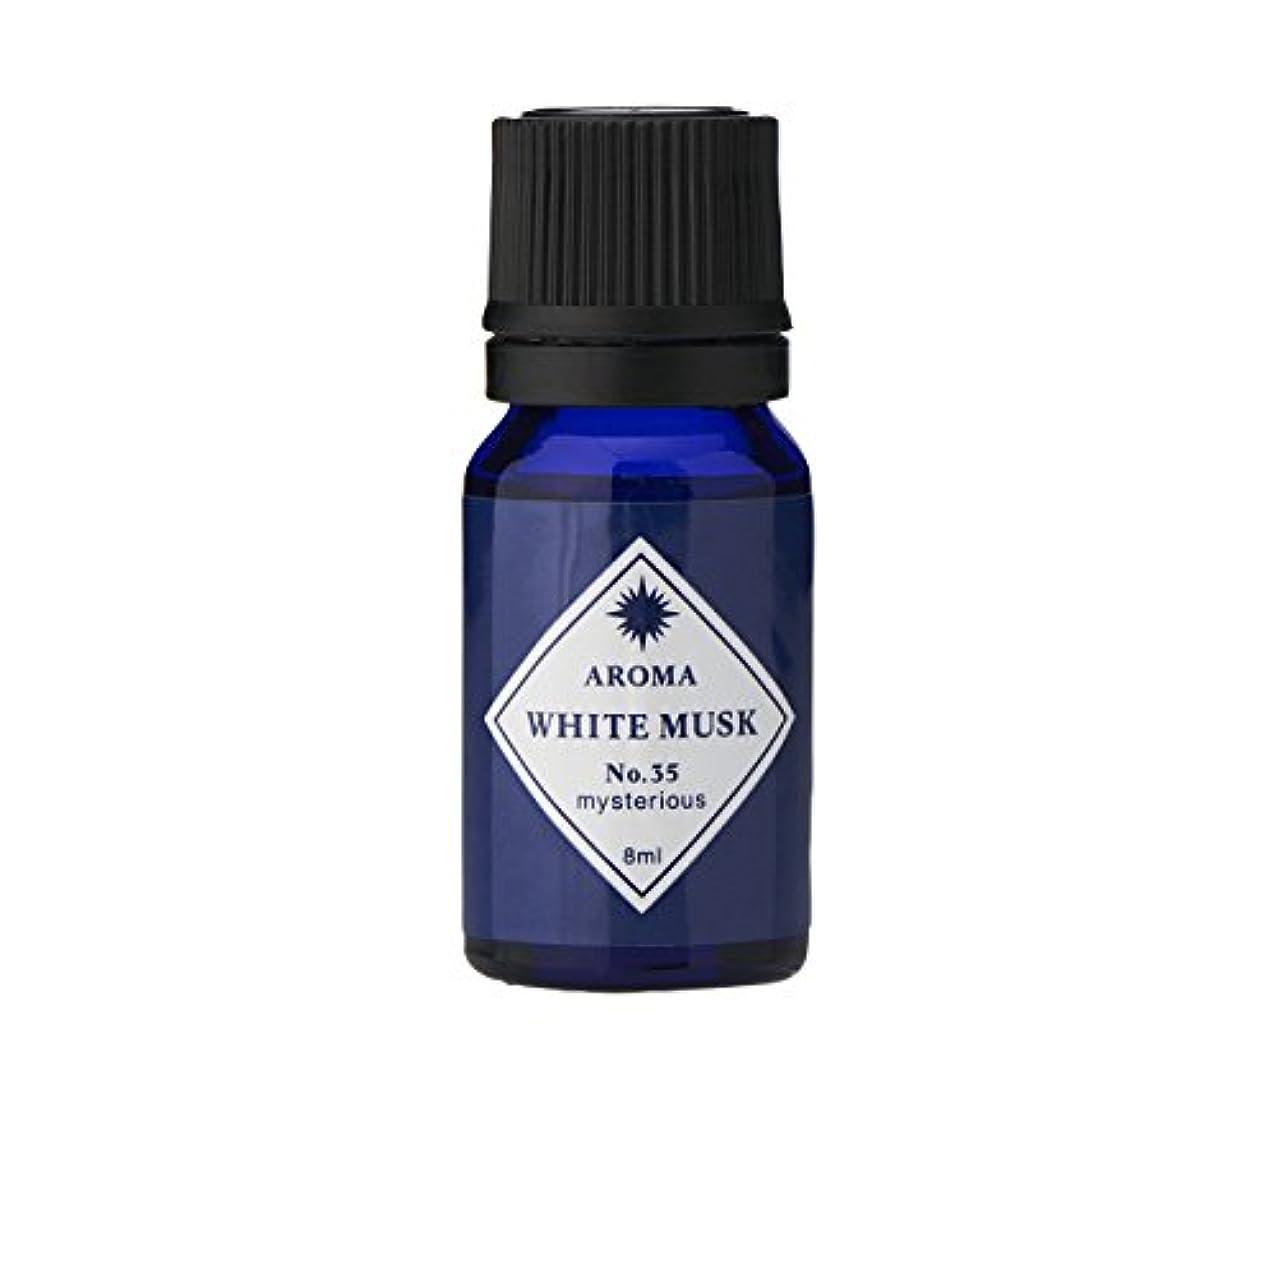 生むこの定刻ブルーラベル アロマエッセンス8ml ホワイトムスク(アロマオイル 調合香料 芳香用 魅惑的で洗練された万人に好まれる香り)